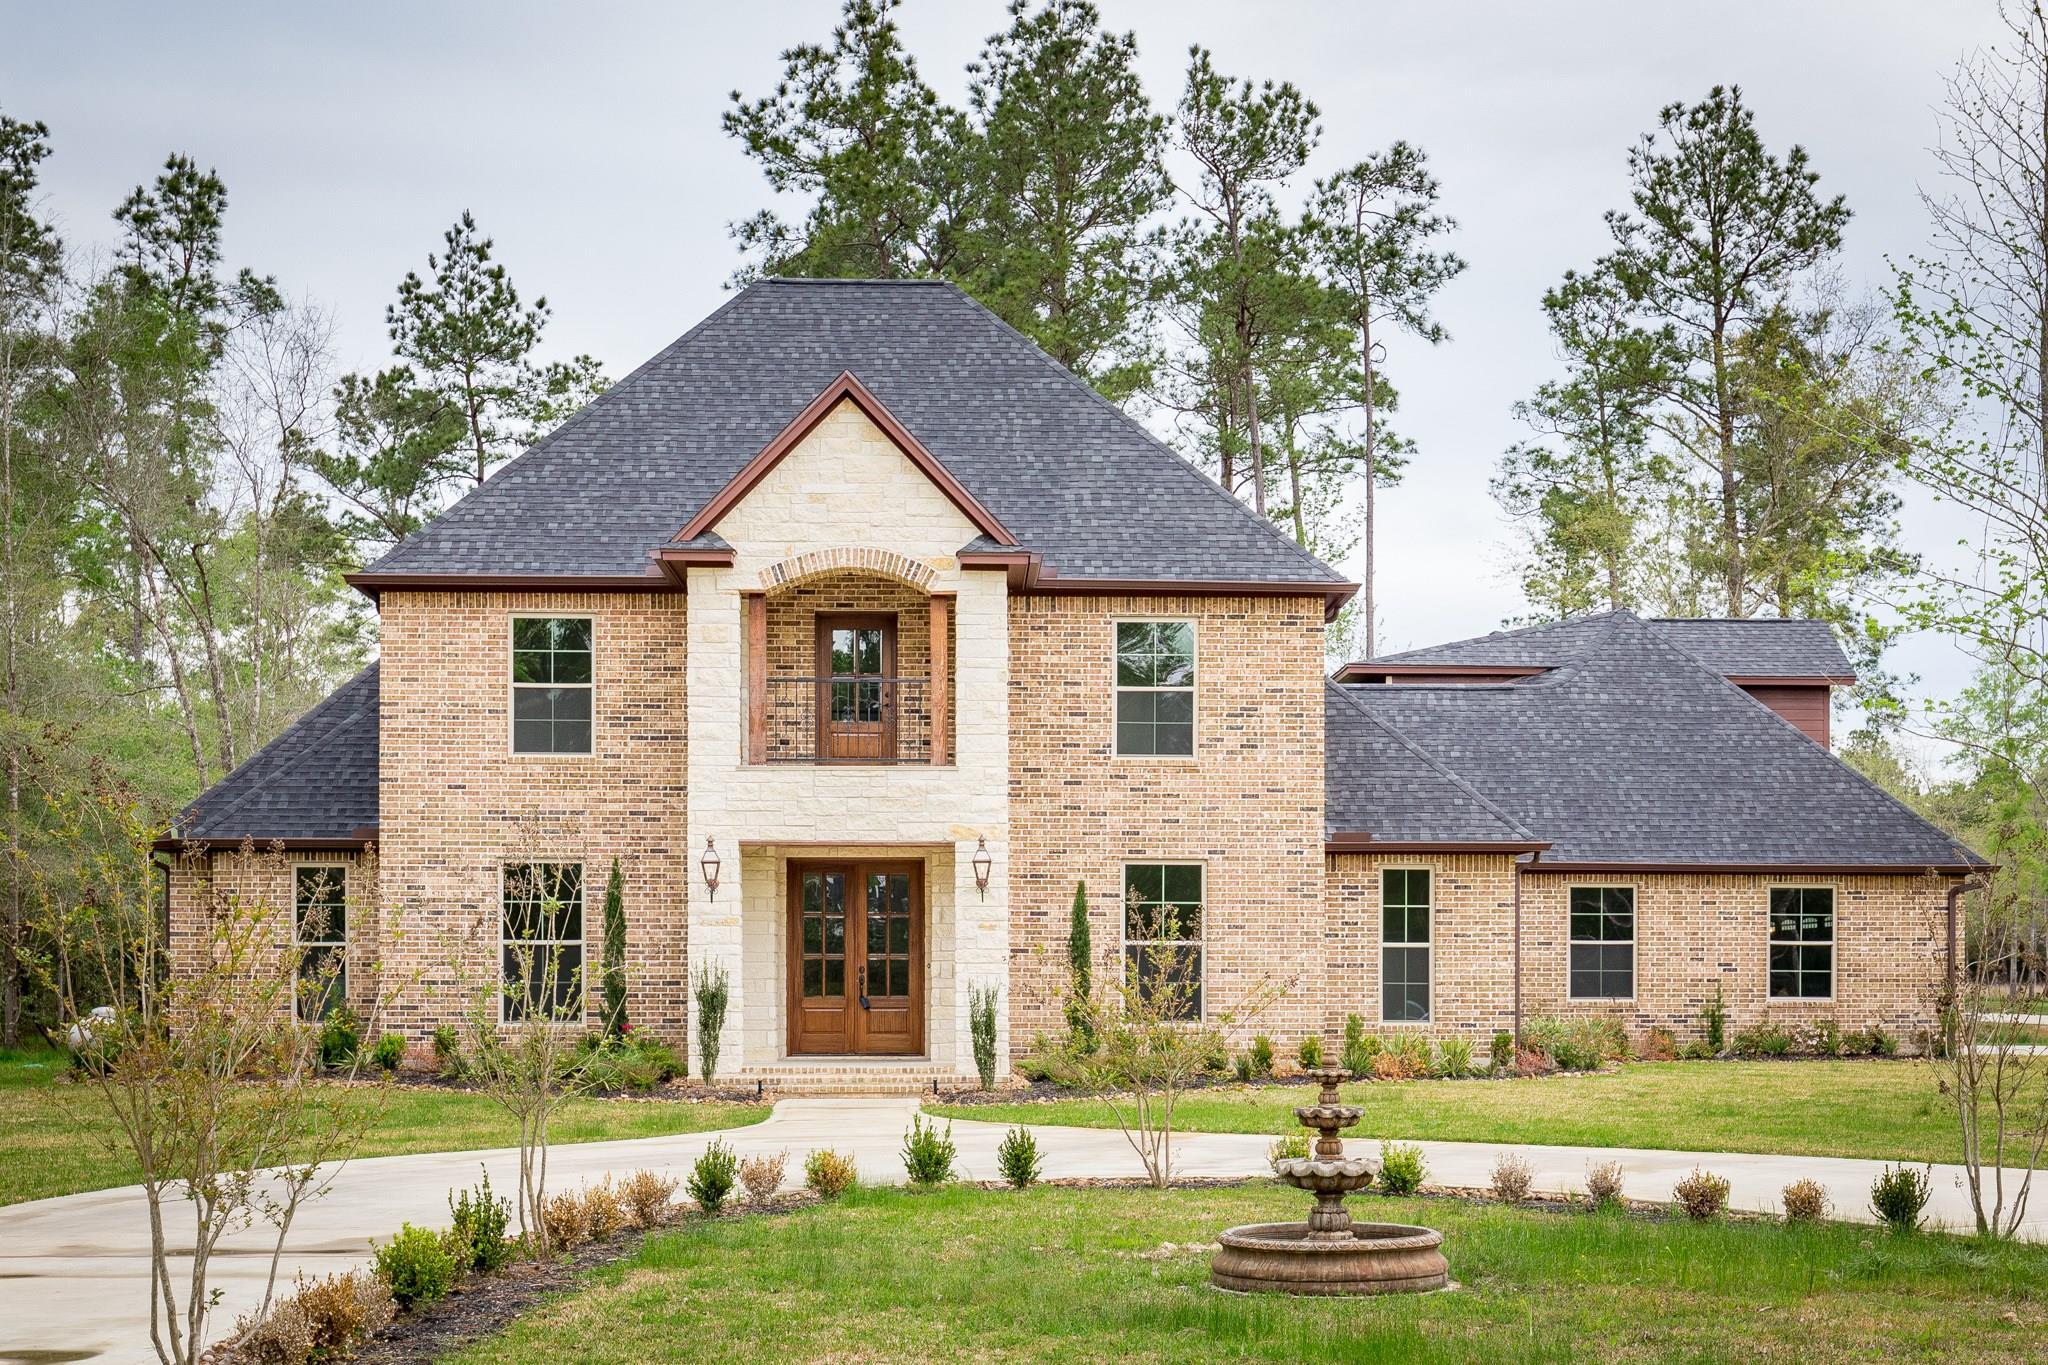 10630 Rock Creek Ridge Property Photo - Kountze, TX real estate listing